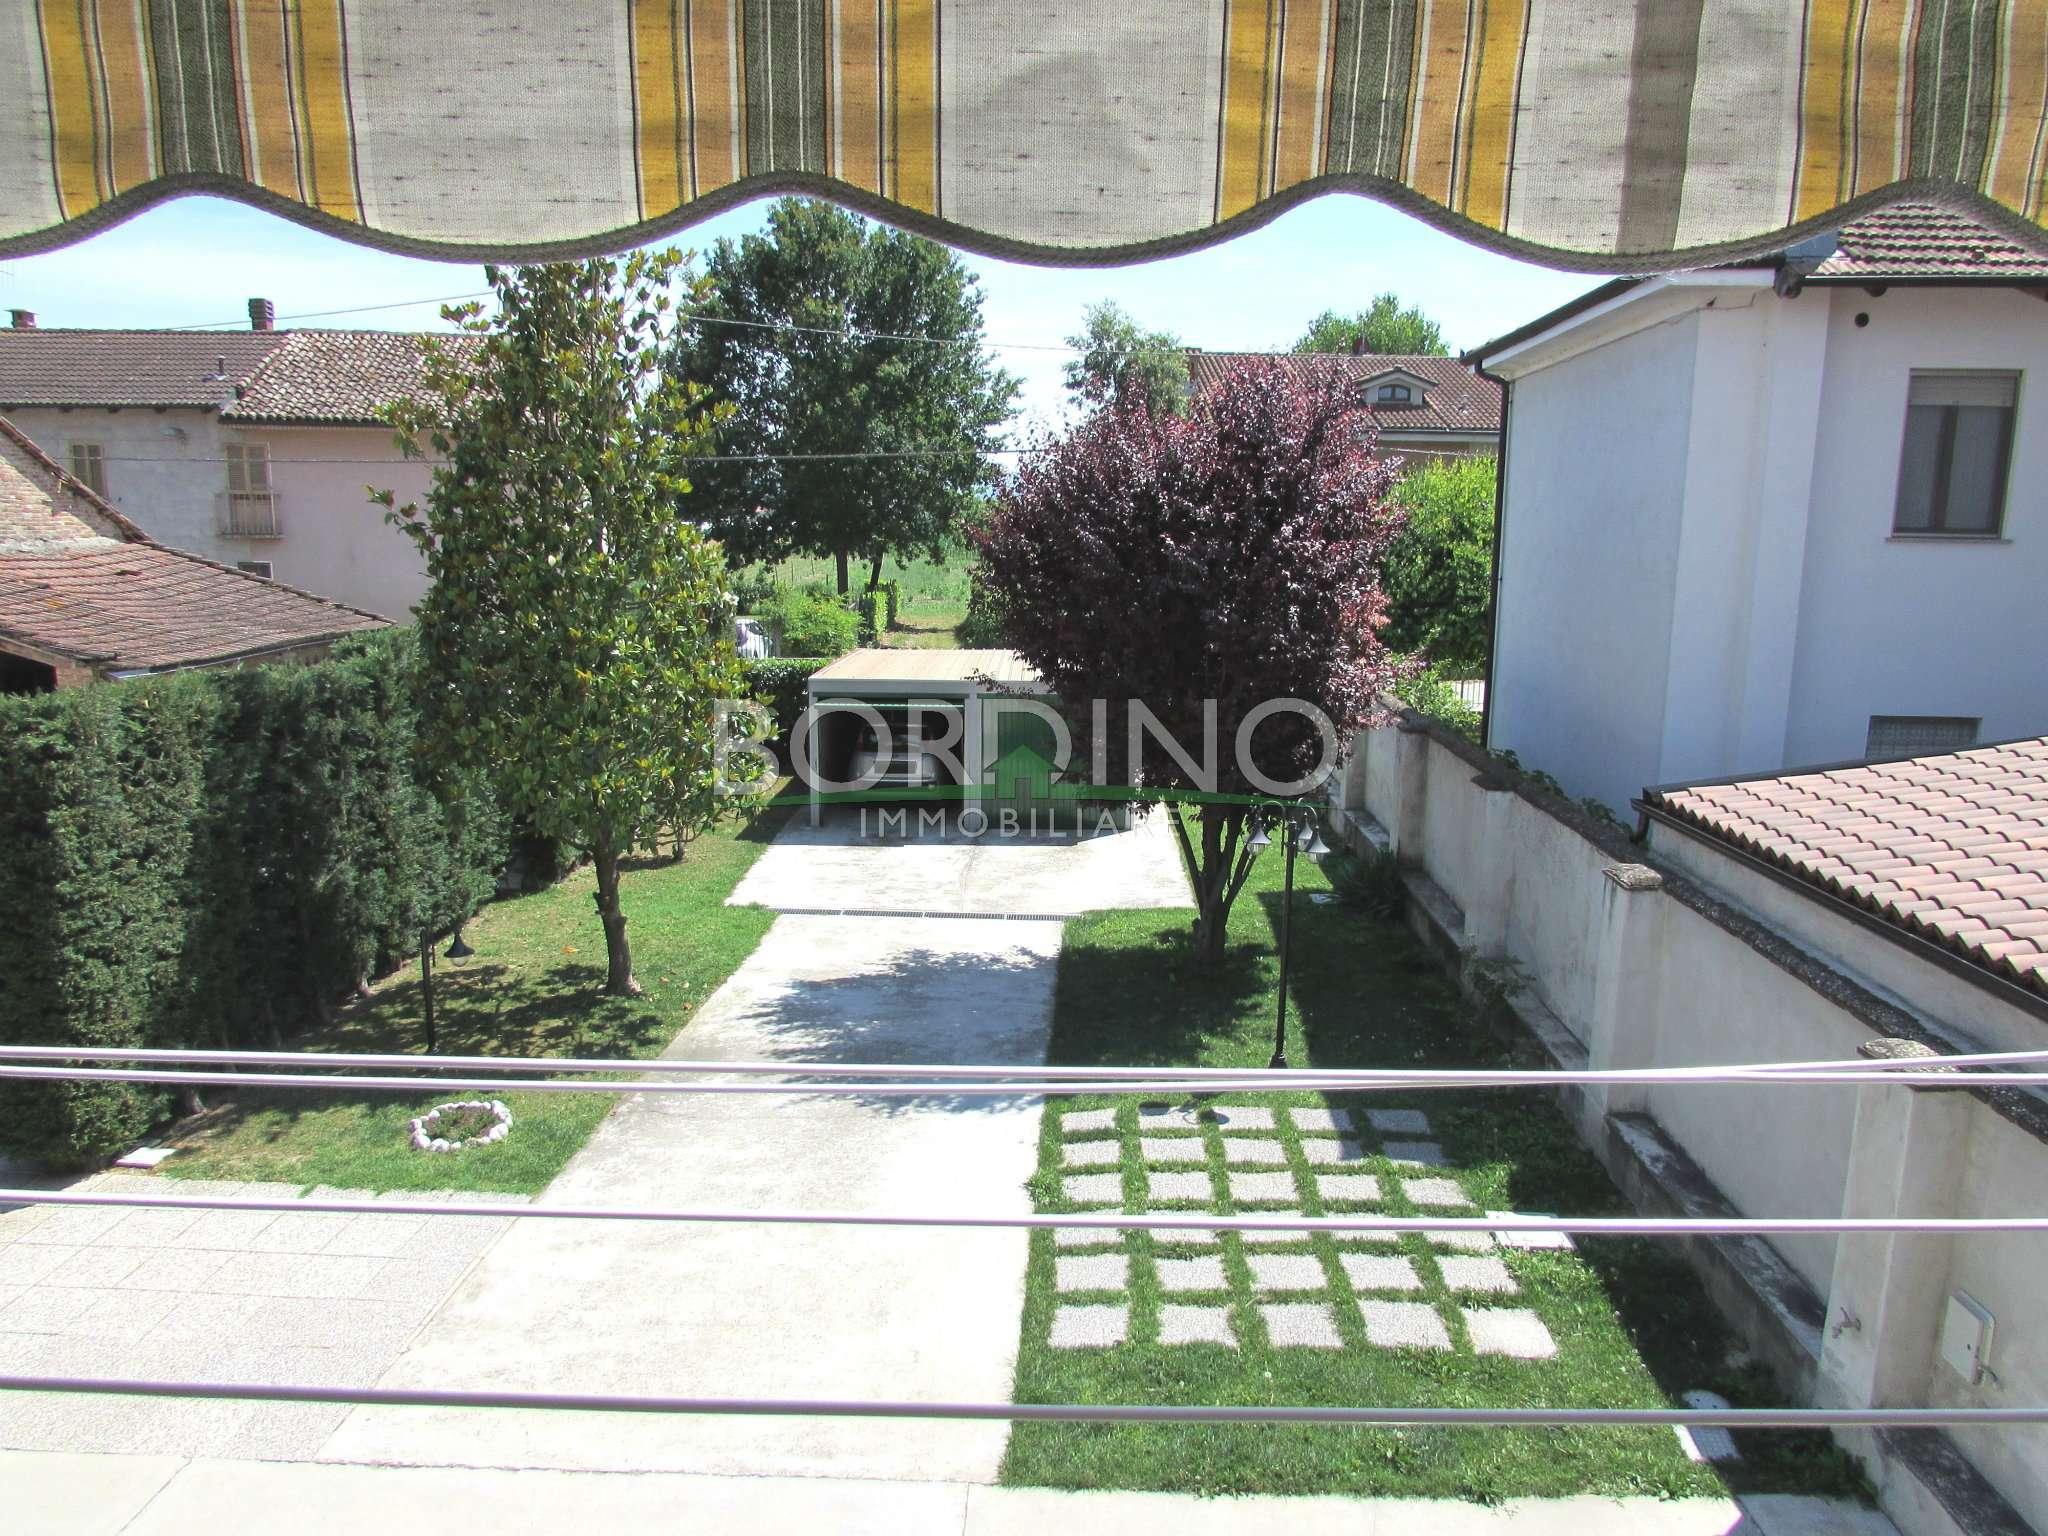 Soluzione Indipendente in vendita a Govone, 4 locali, prezzo € 155.000 | Cambio Casa.it